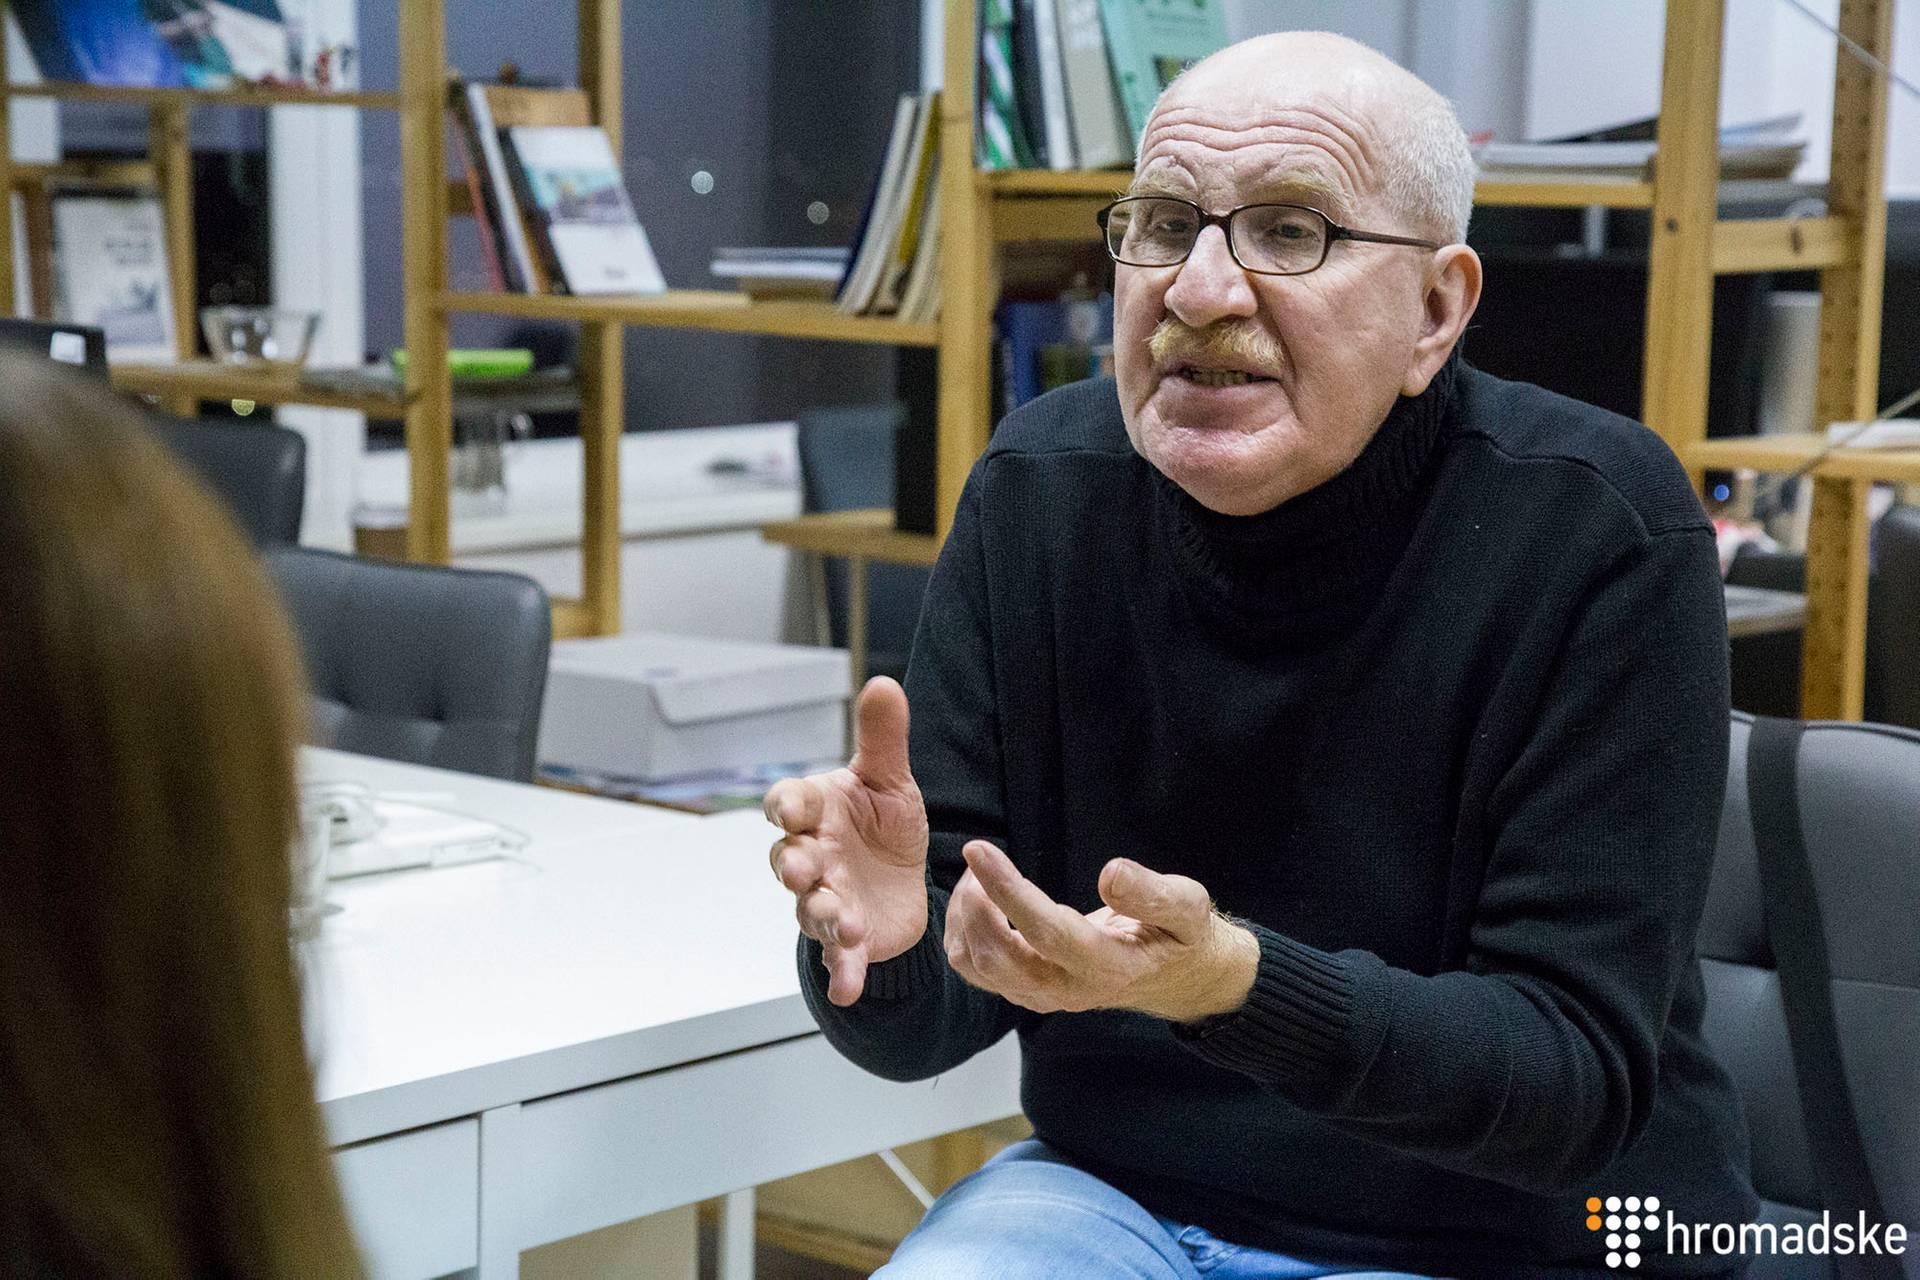 Кінознавець і дослідник радянського кіно Євген Марголіт під час інтерв'ю, Київ, 16 листопада 2018 року